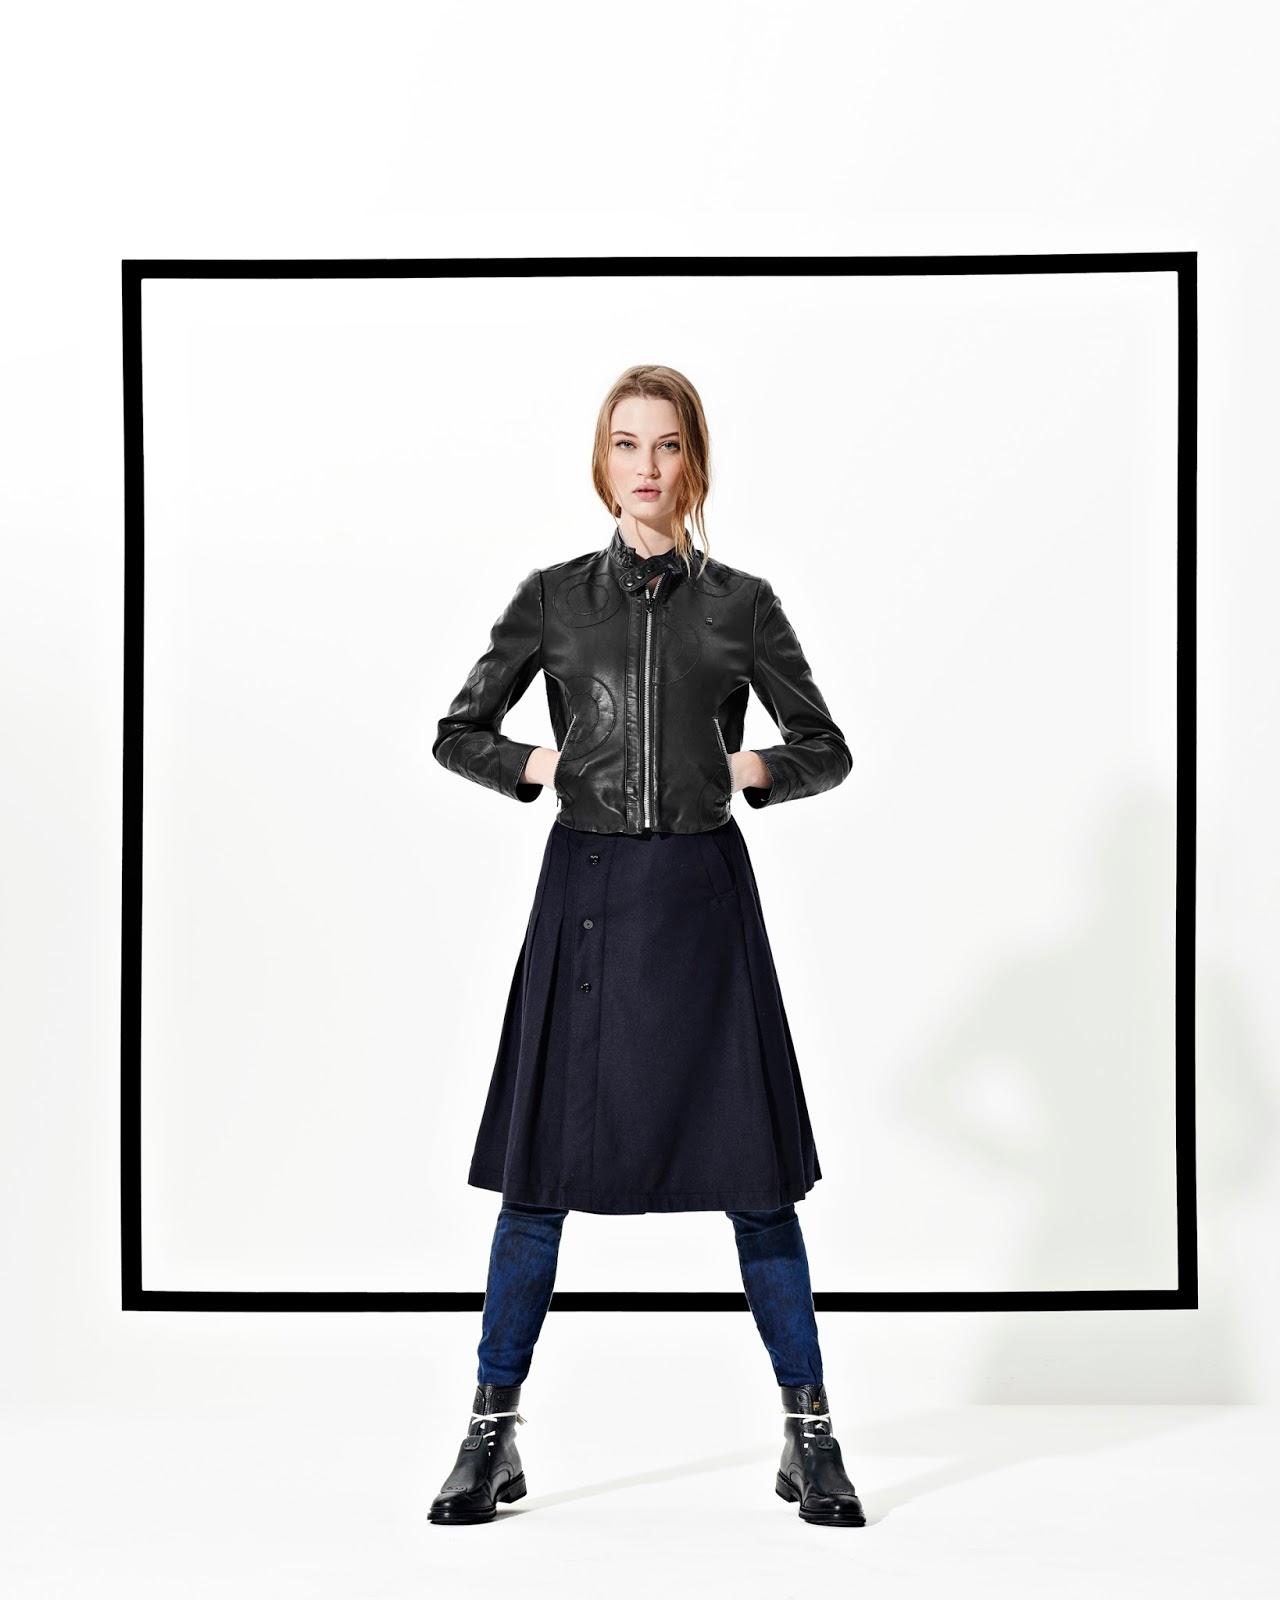 be214bbbb3 On hésite pas à superposer les vêtements chez G-Star, à porter les jupes  avec des socquettes